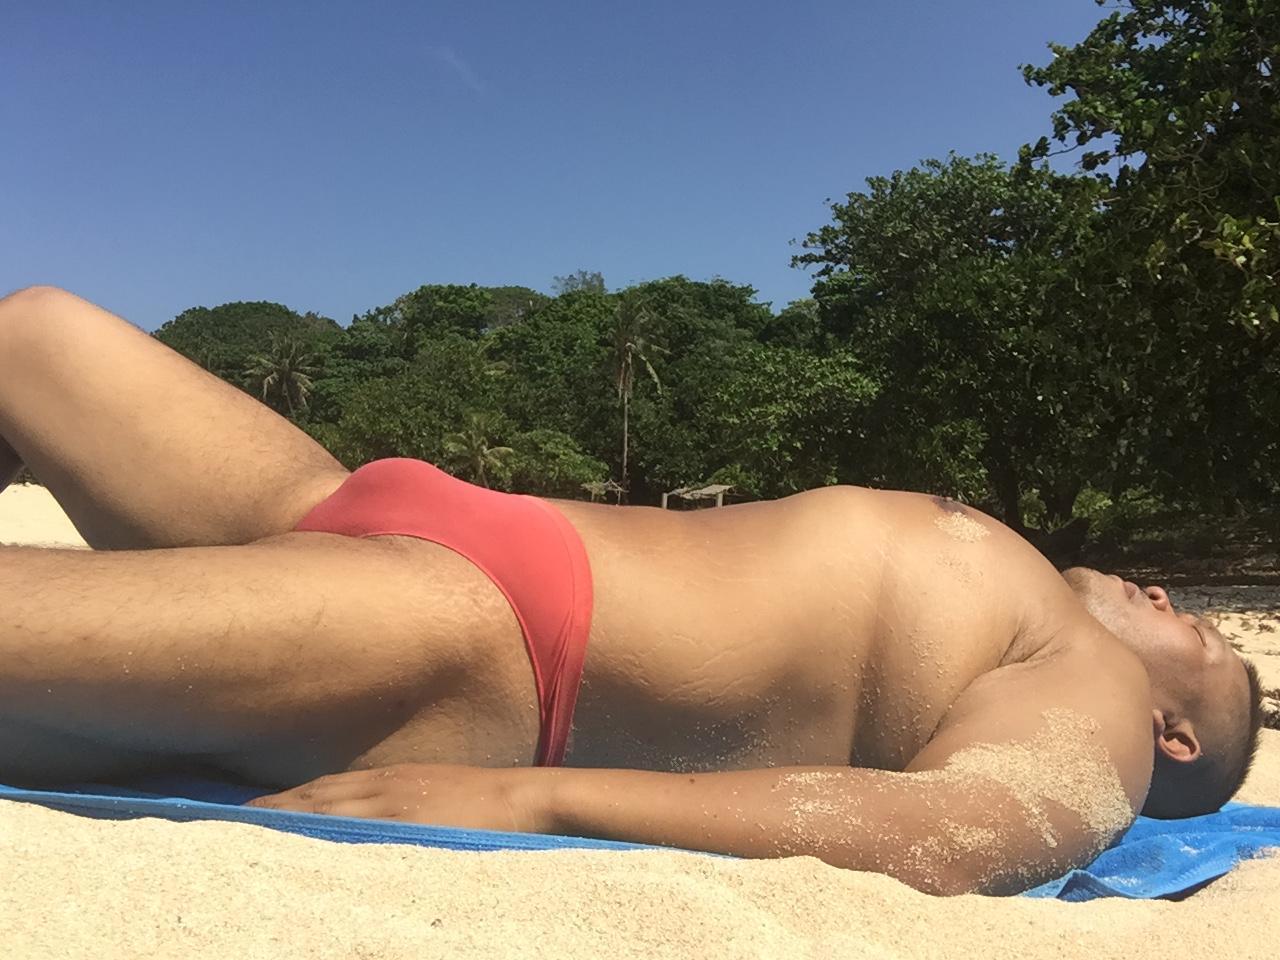 Bikini sun bather (35/218)